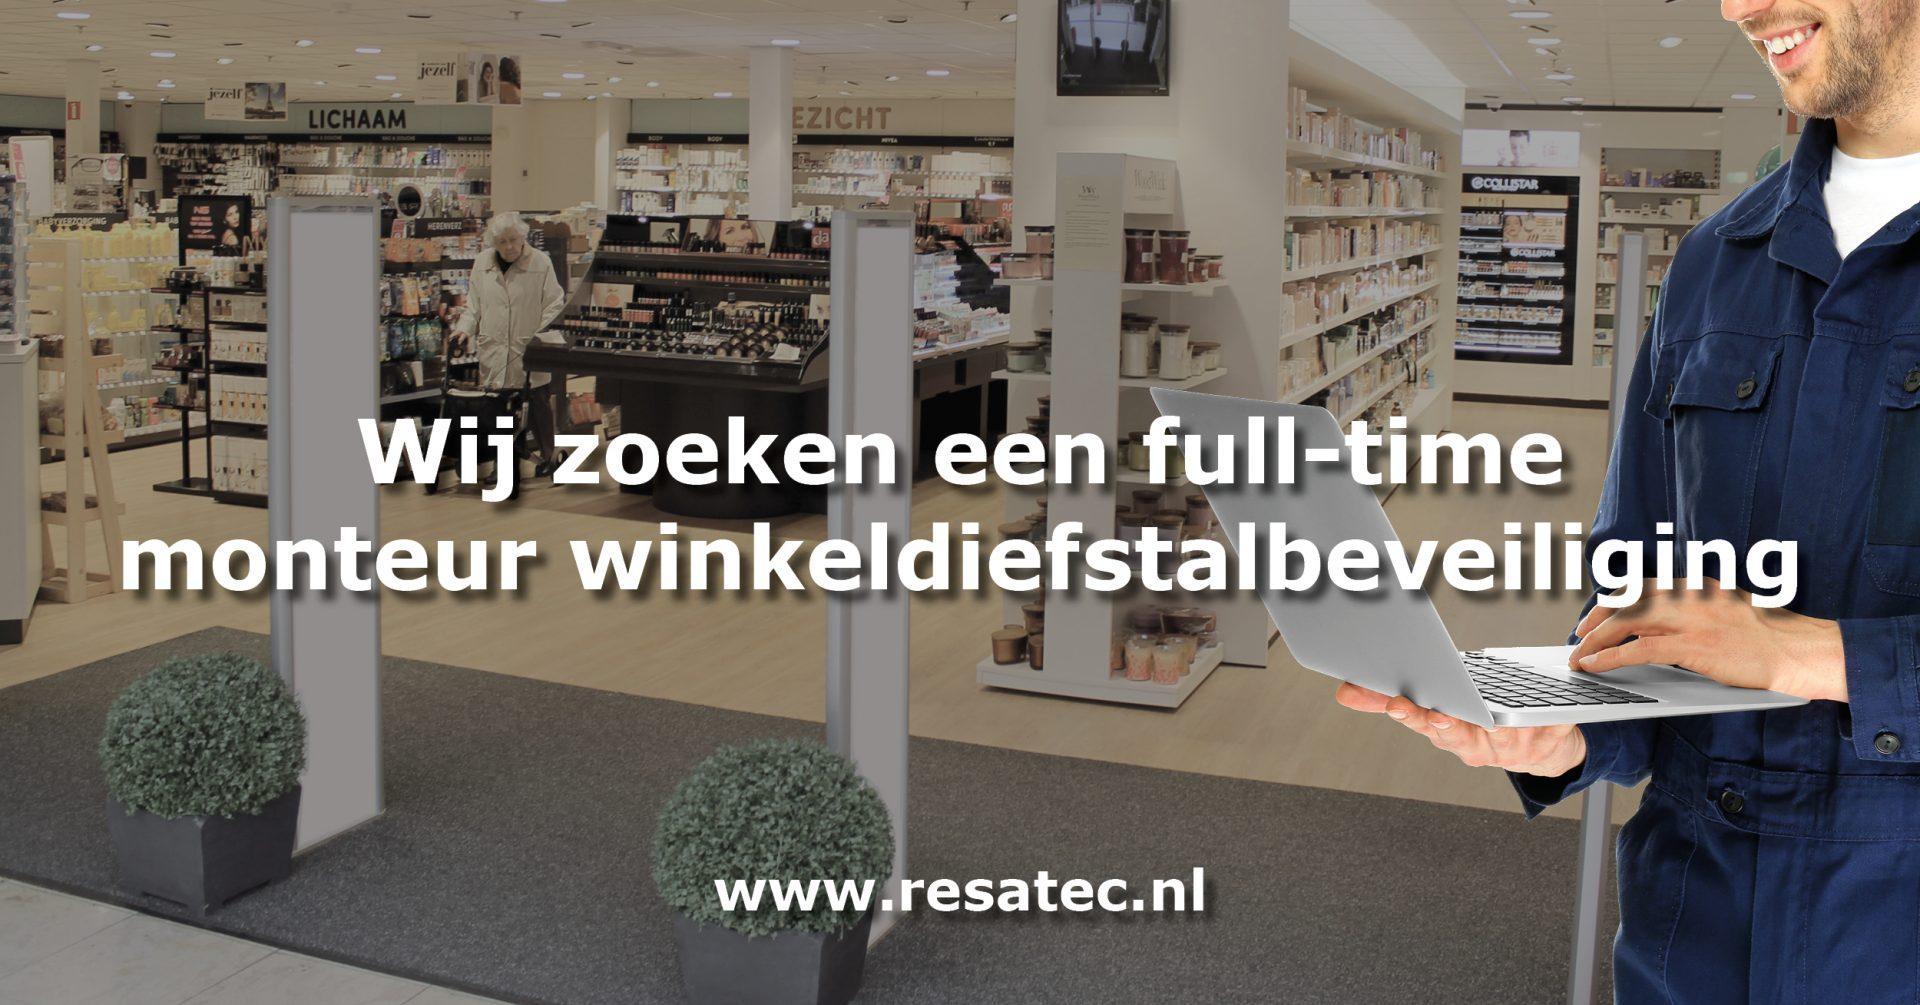 Vacature monteur winkeldiefstalbeveiliging Nederland - Resatec